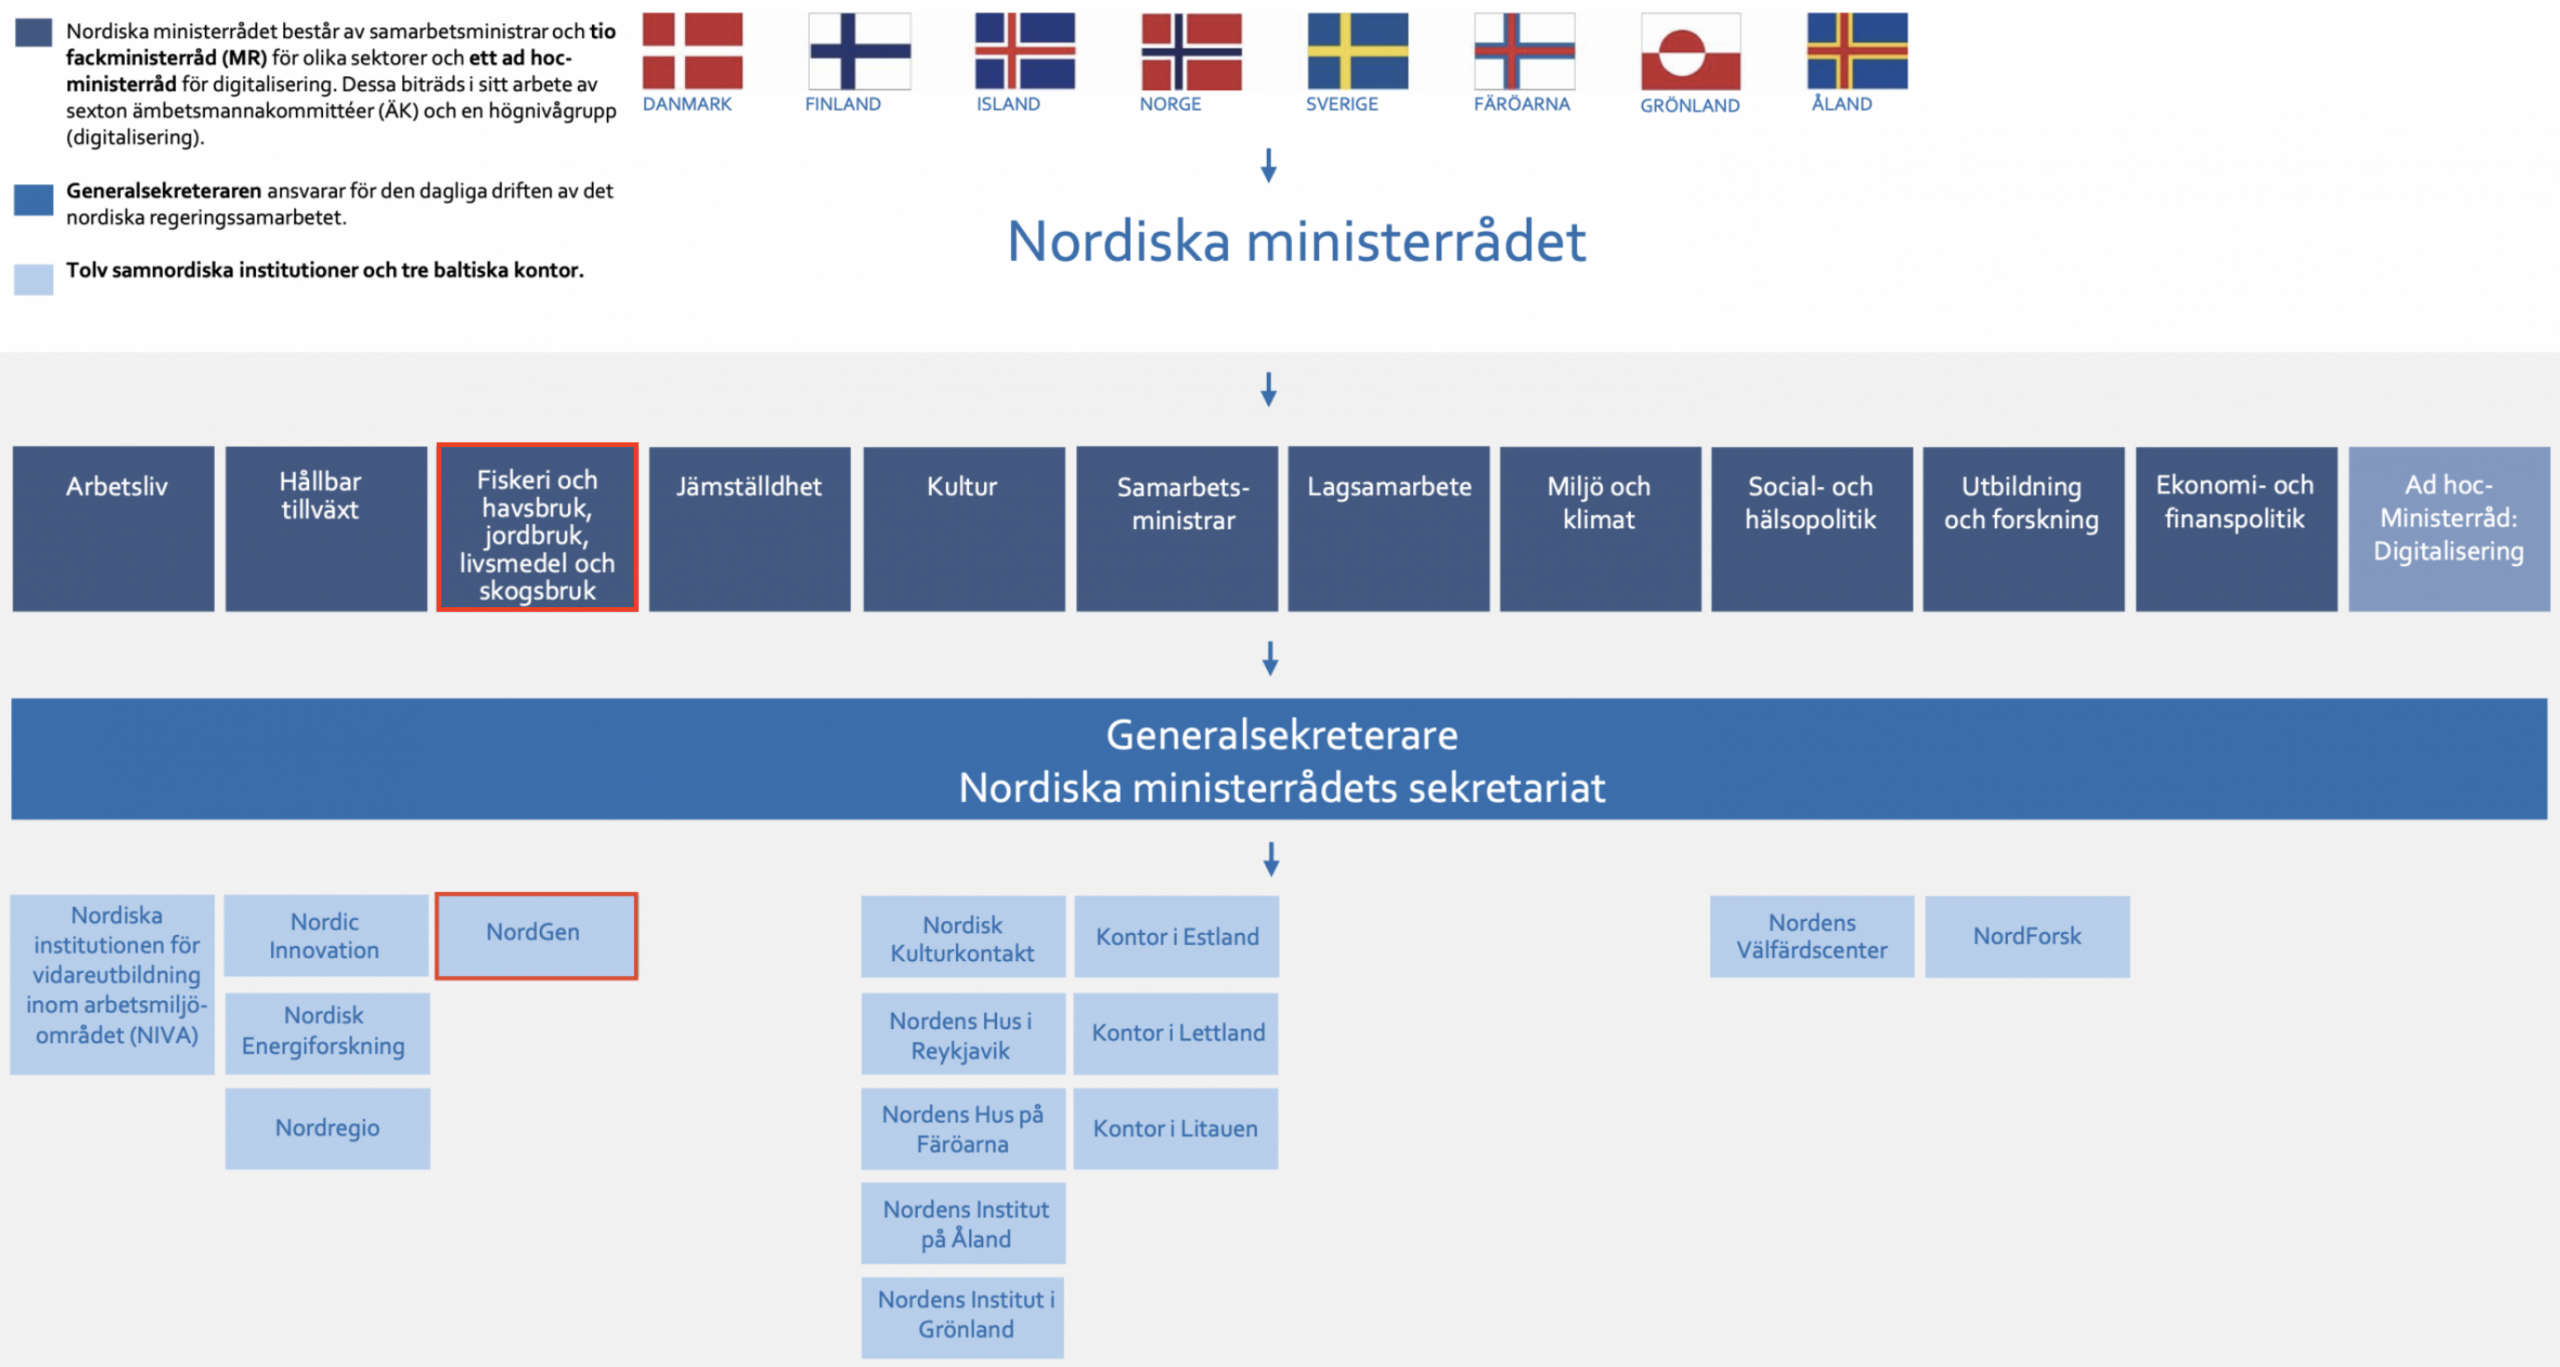 Figur som beskriver Nordiska Ministerrådets olika ämnesområden, sekretariatet och dess institutioner. NordGen och MR-FJLS är markerade i rött.